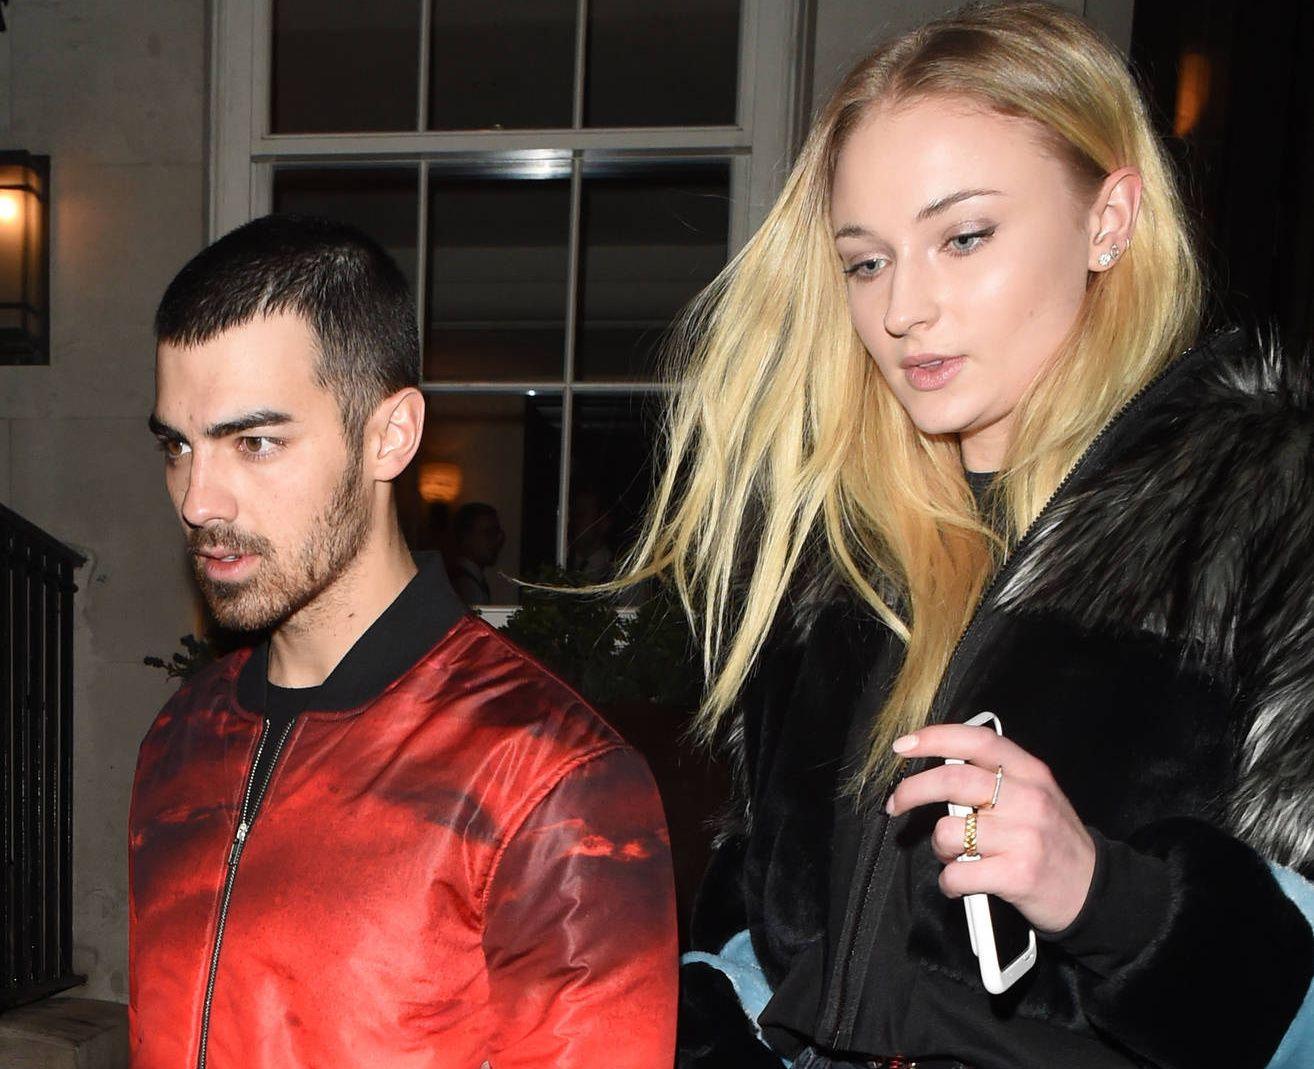 LAV PROFIL: Joe Jonas og Sophie Turner ved ett av de få tilfellene de er blitt avbildet sammen. Her forlater de restauranten 34 i London etter å ha feiret hennes bursdag i februar.